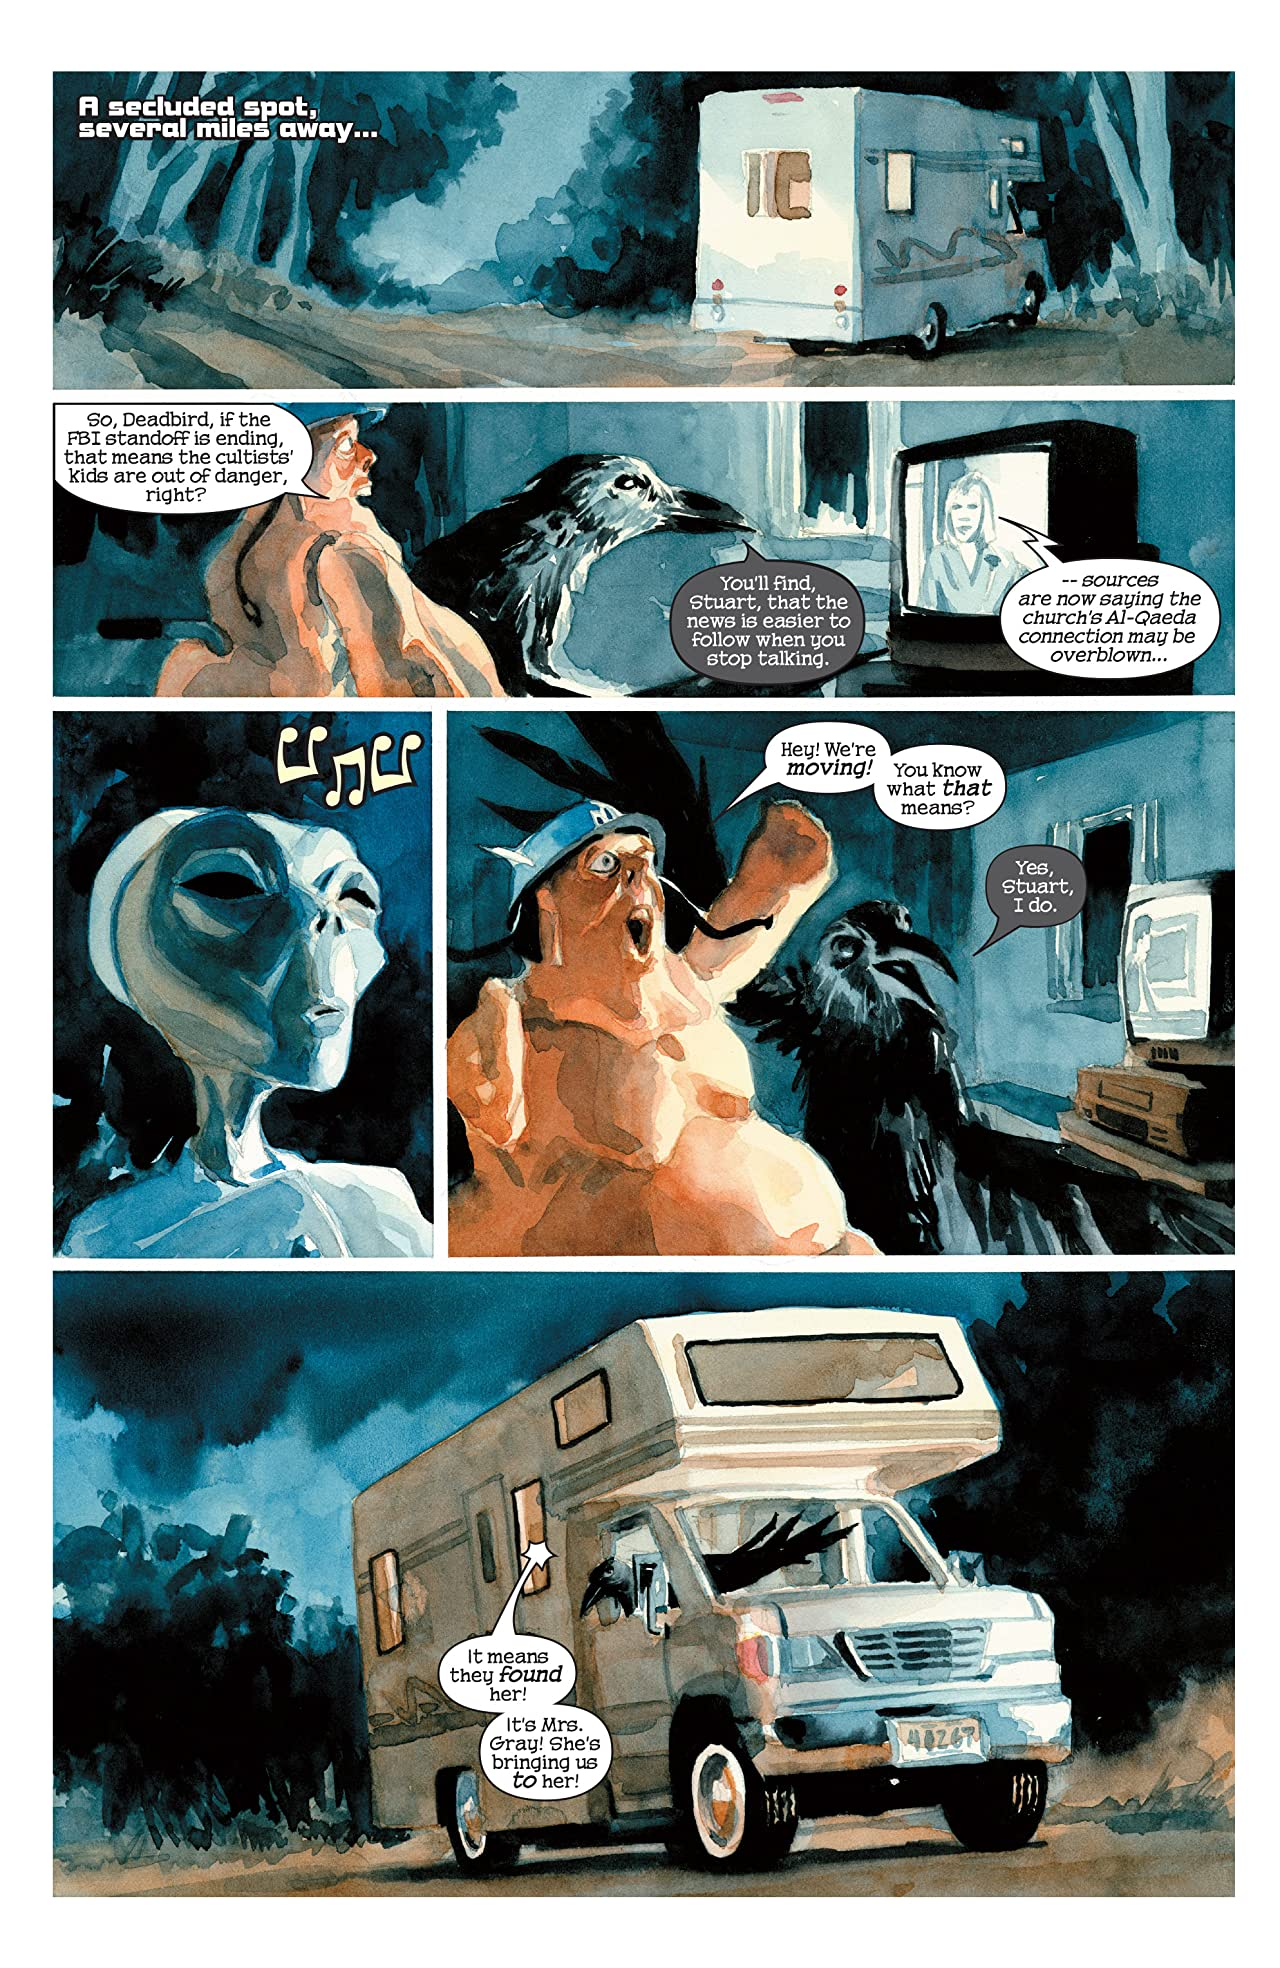 Hulk: Nightmerica (2003-2004) #5 (of 6)